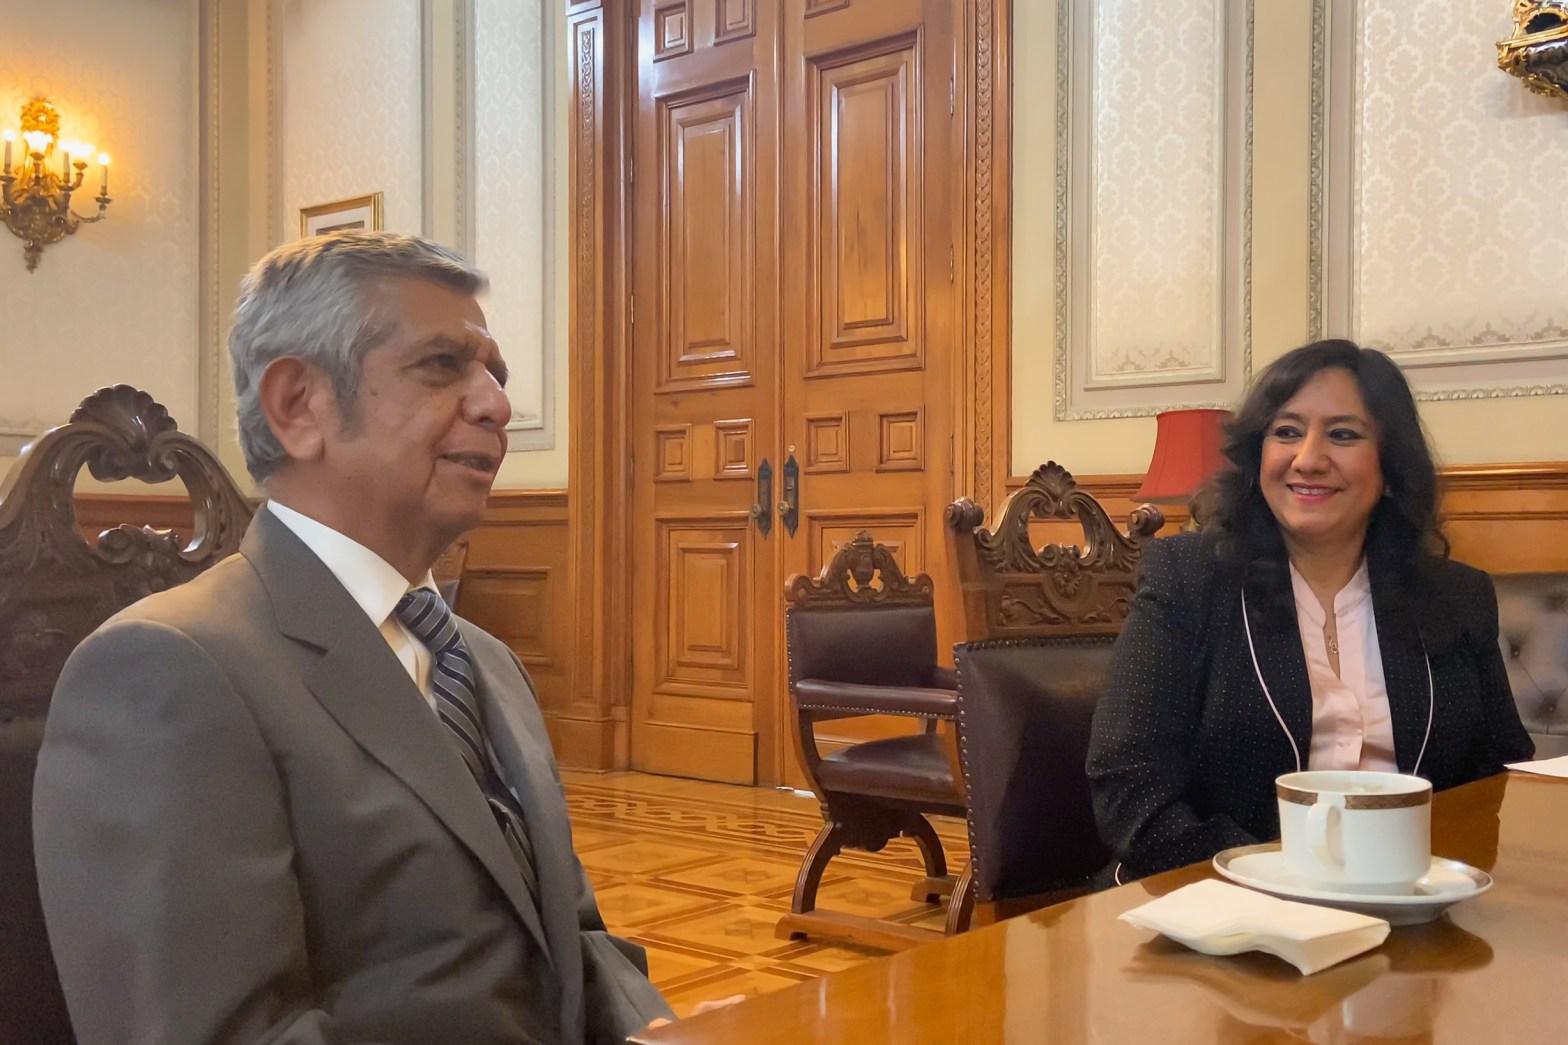 Irma Eréndira Sandoval Ballesteros y Roberto Salcedo Aquino, titular de la Secretaría de la Función Pública